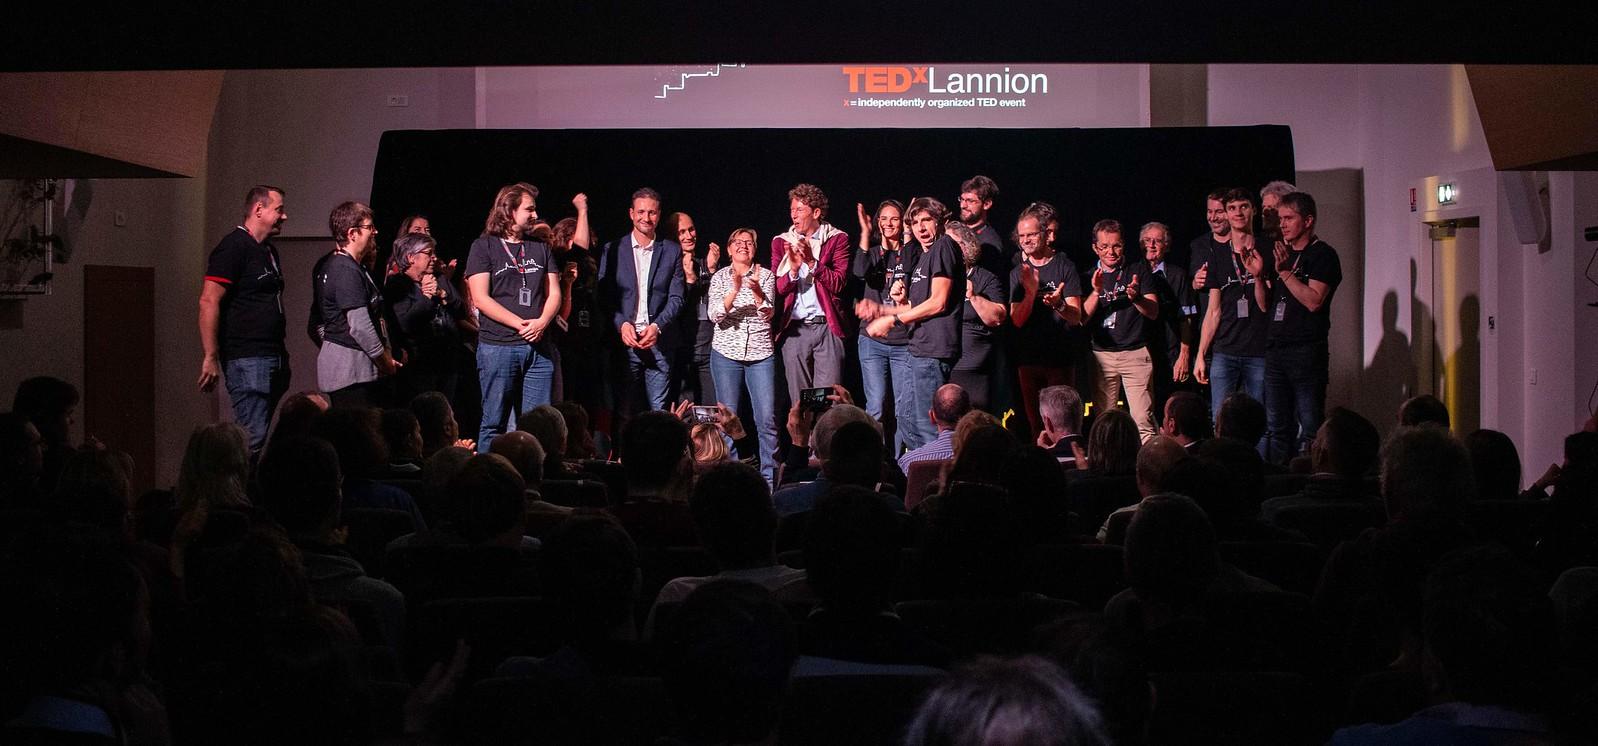 TEDxLannion-2018-173